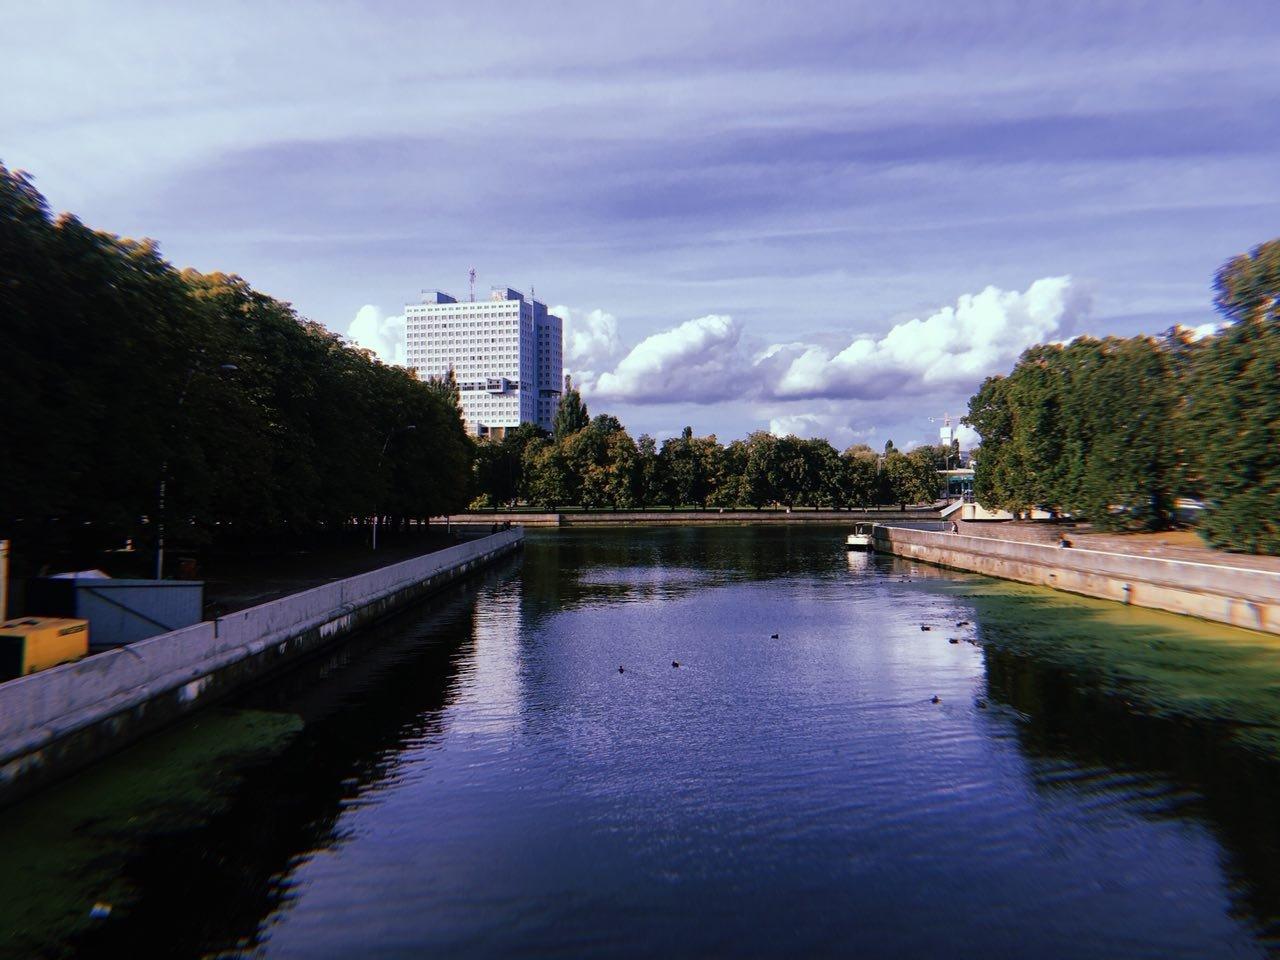 Из Петербурга в Калининград: самое важное, что нужно знать о поездке на машине